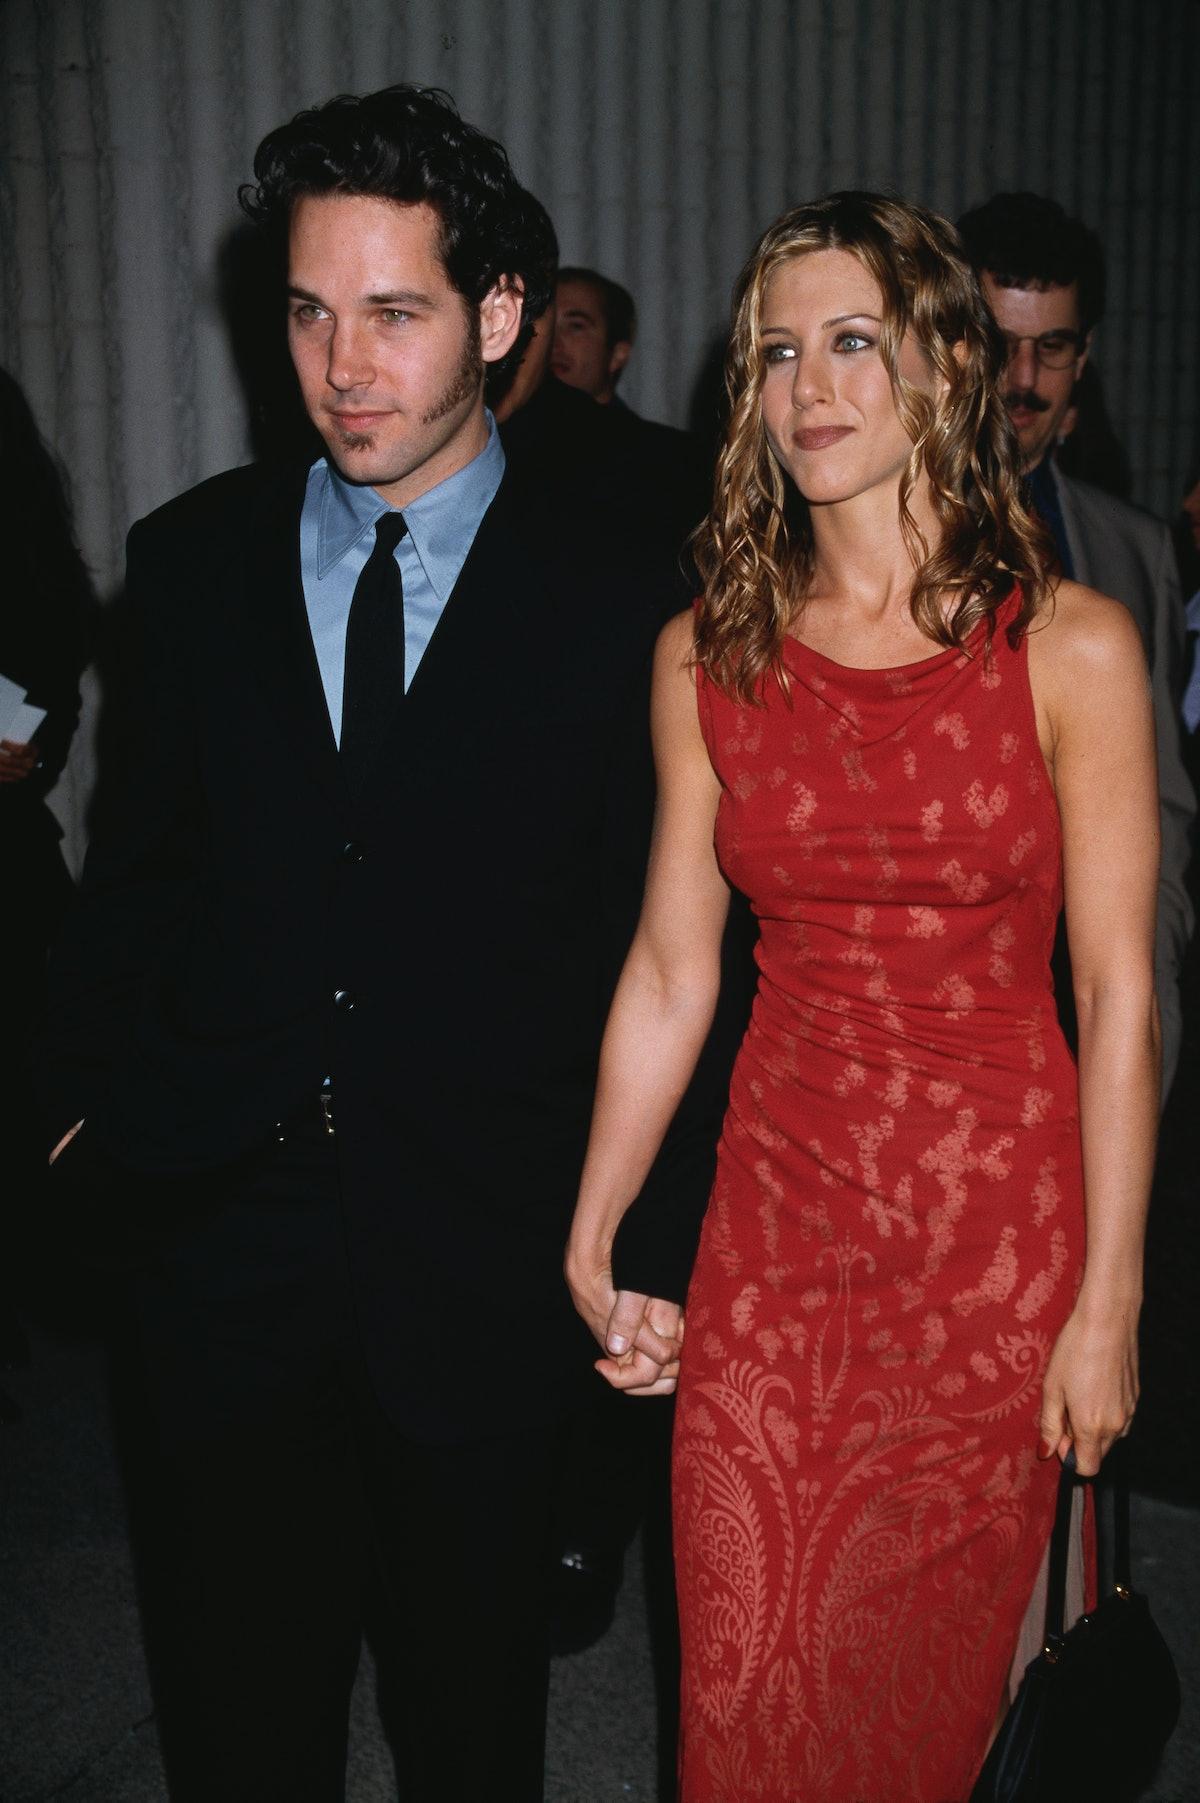 Jennifer Aniston and Paul Rudd dated.